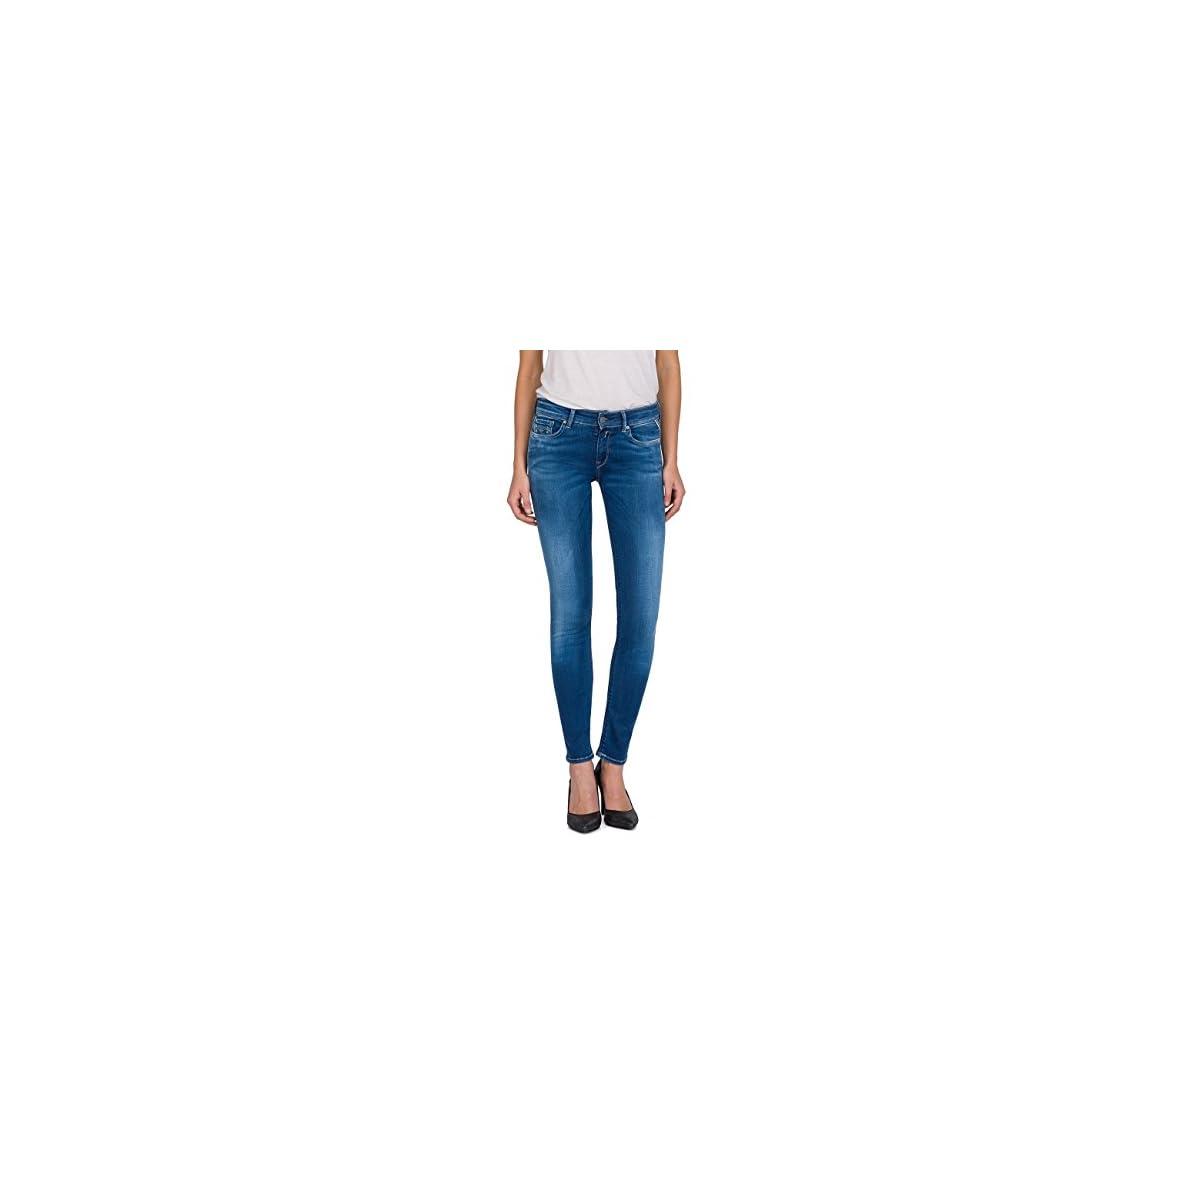 Replay Damen Luz Skinny Jeans Blau